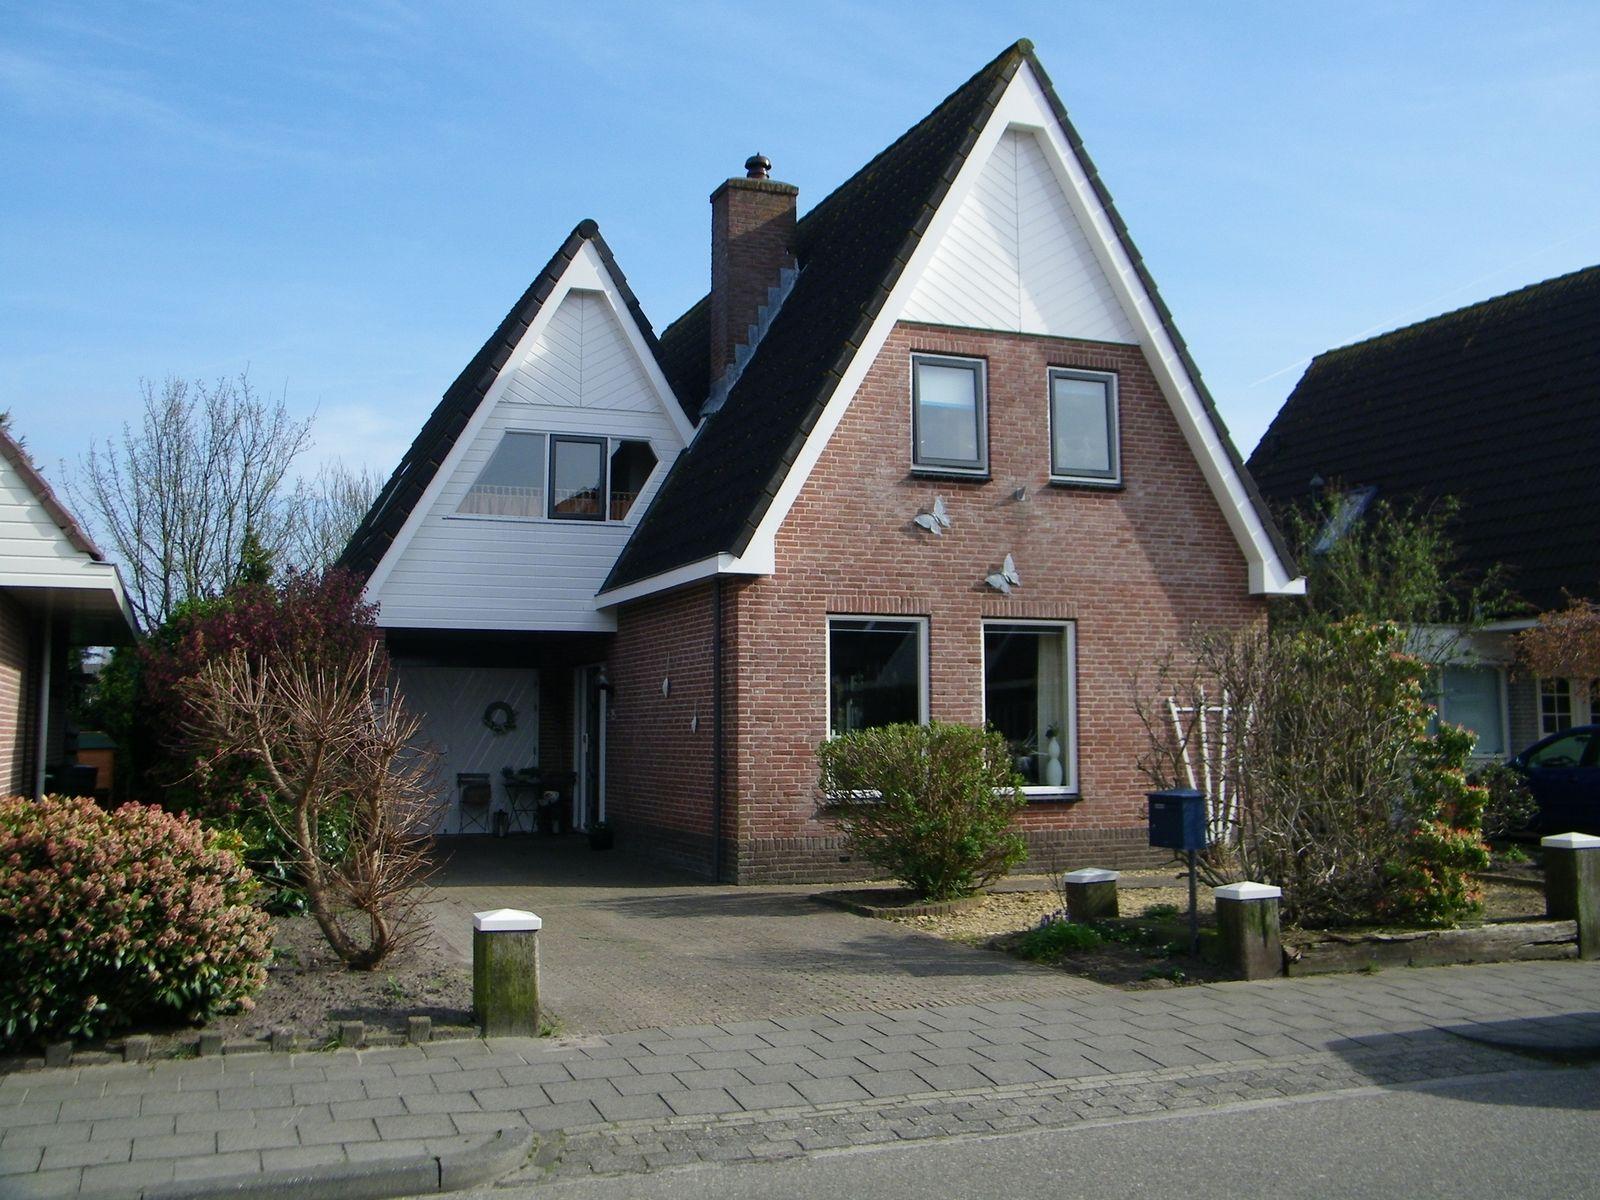 Slotermeerstraat 25, Lemmer